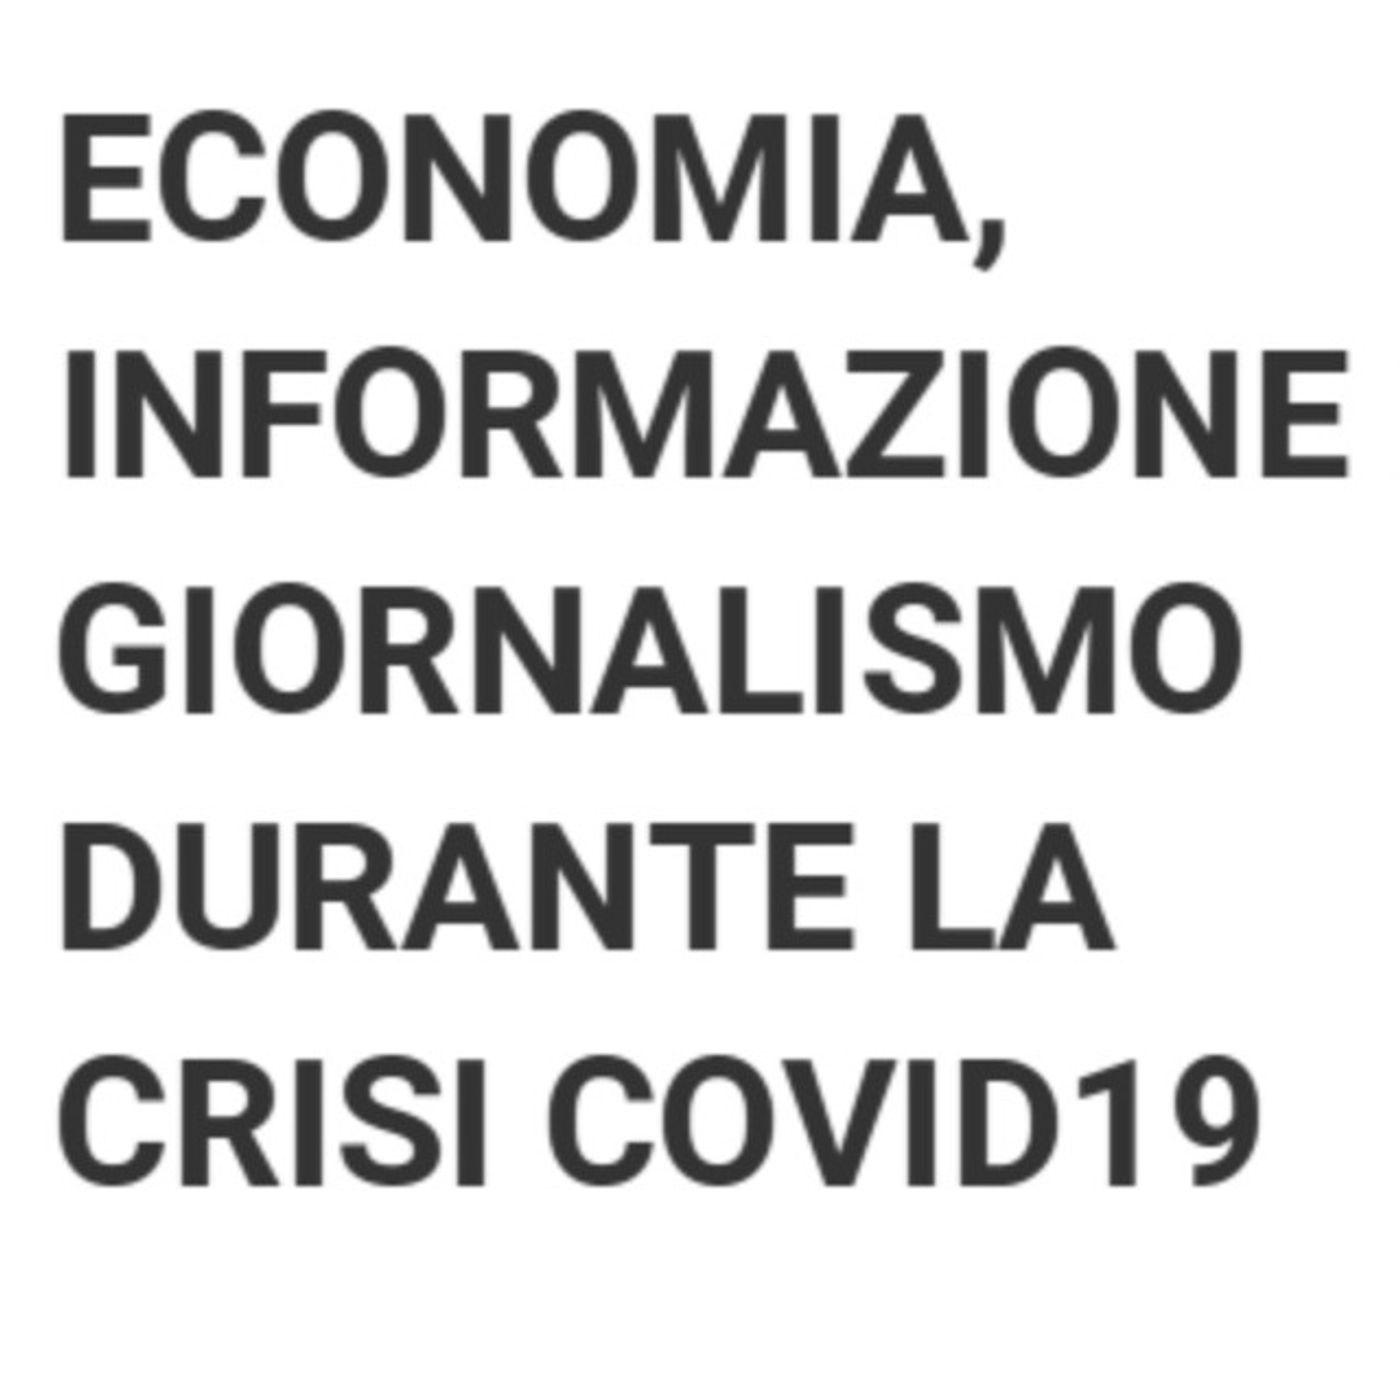 2 - Economia, informazione e giornalismo nella crisi da Coronavirus COVID-19